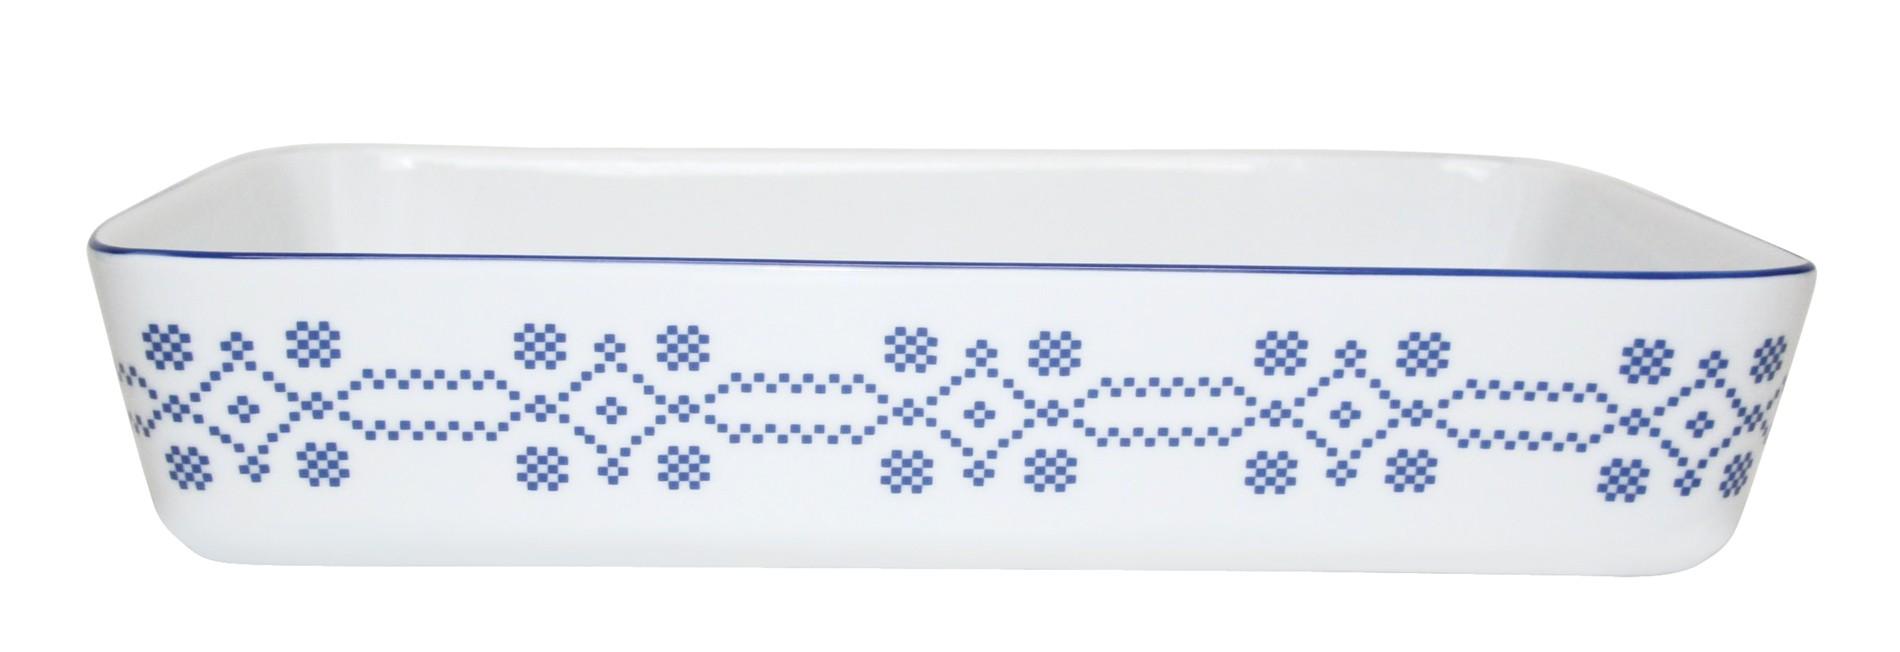 Ταψί Πυρίμαχο Kythera Παραλληλόγραμμο Ionia 36cm home   σκευη μαγειρικης   πυρίμαχα